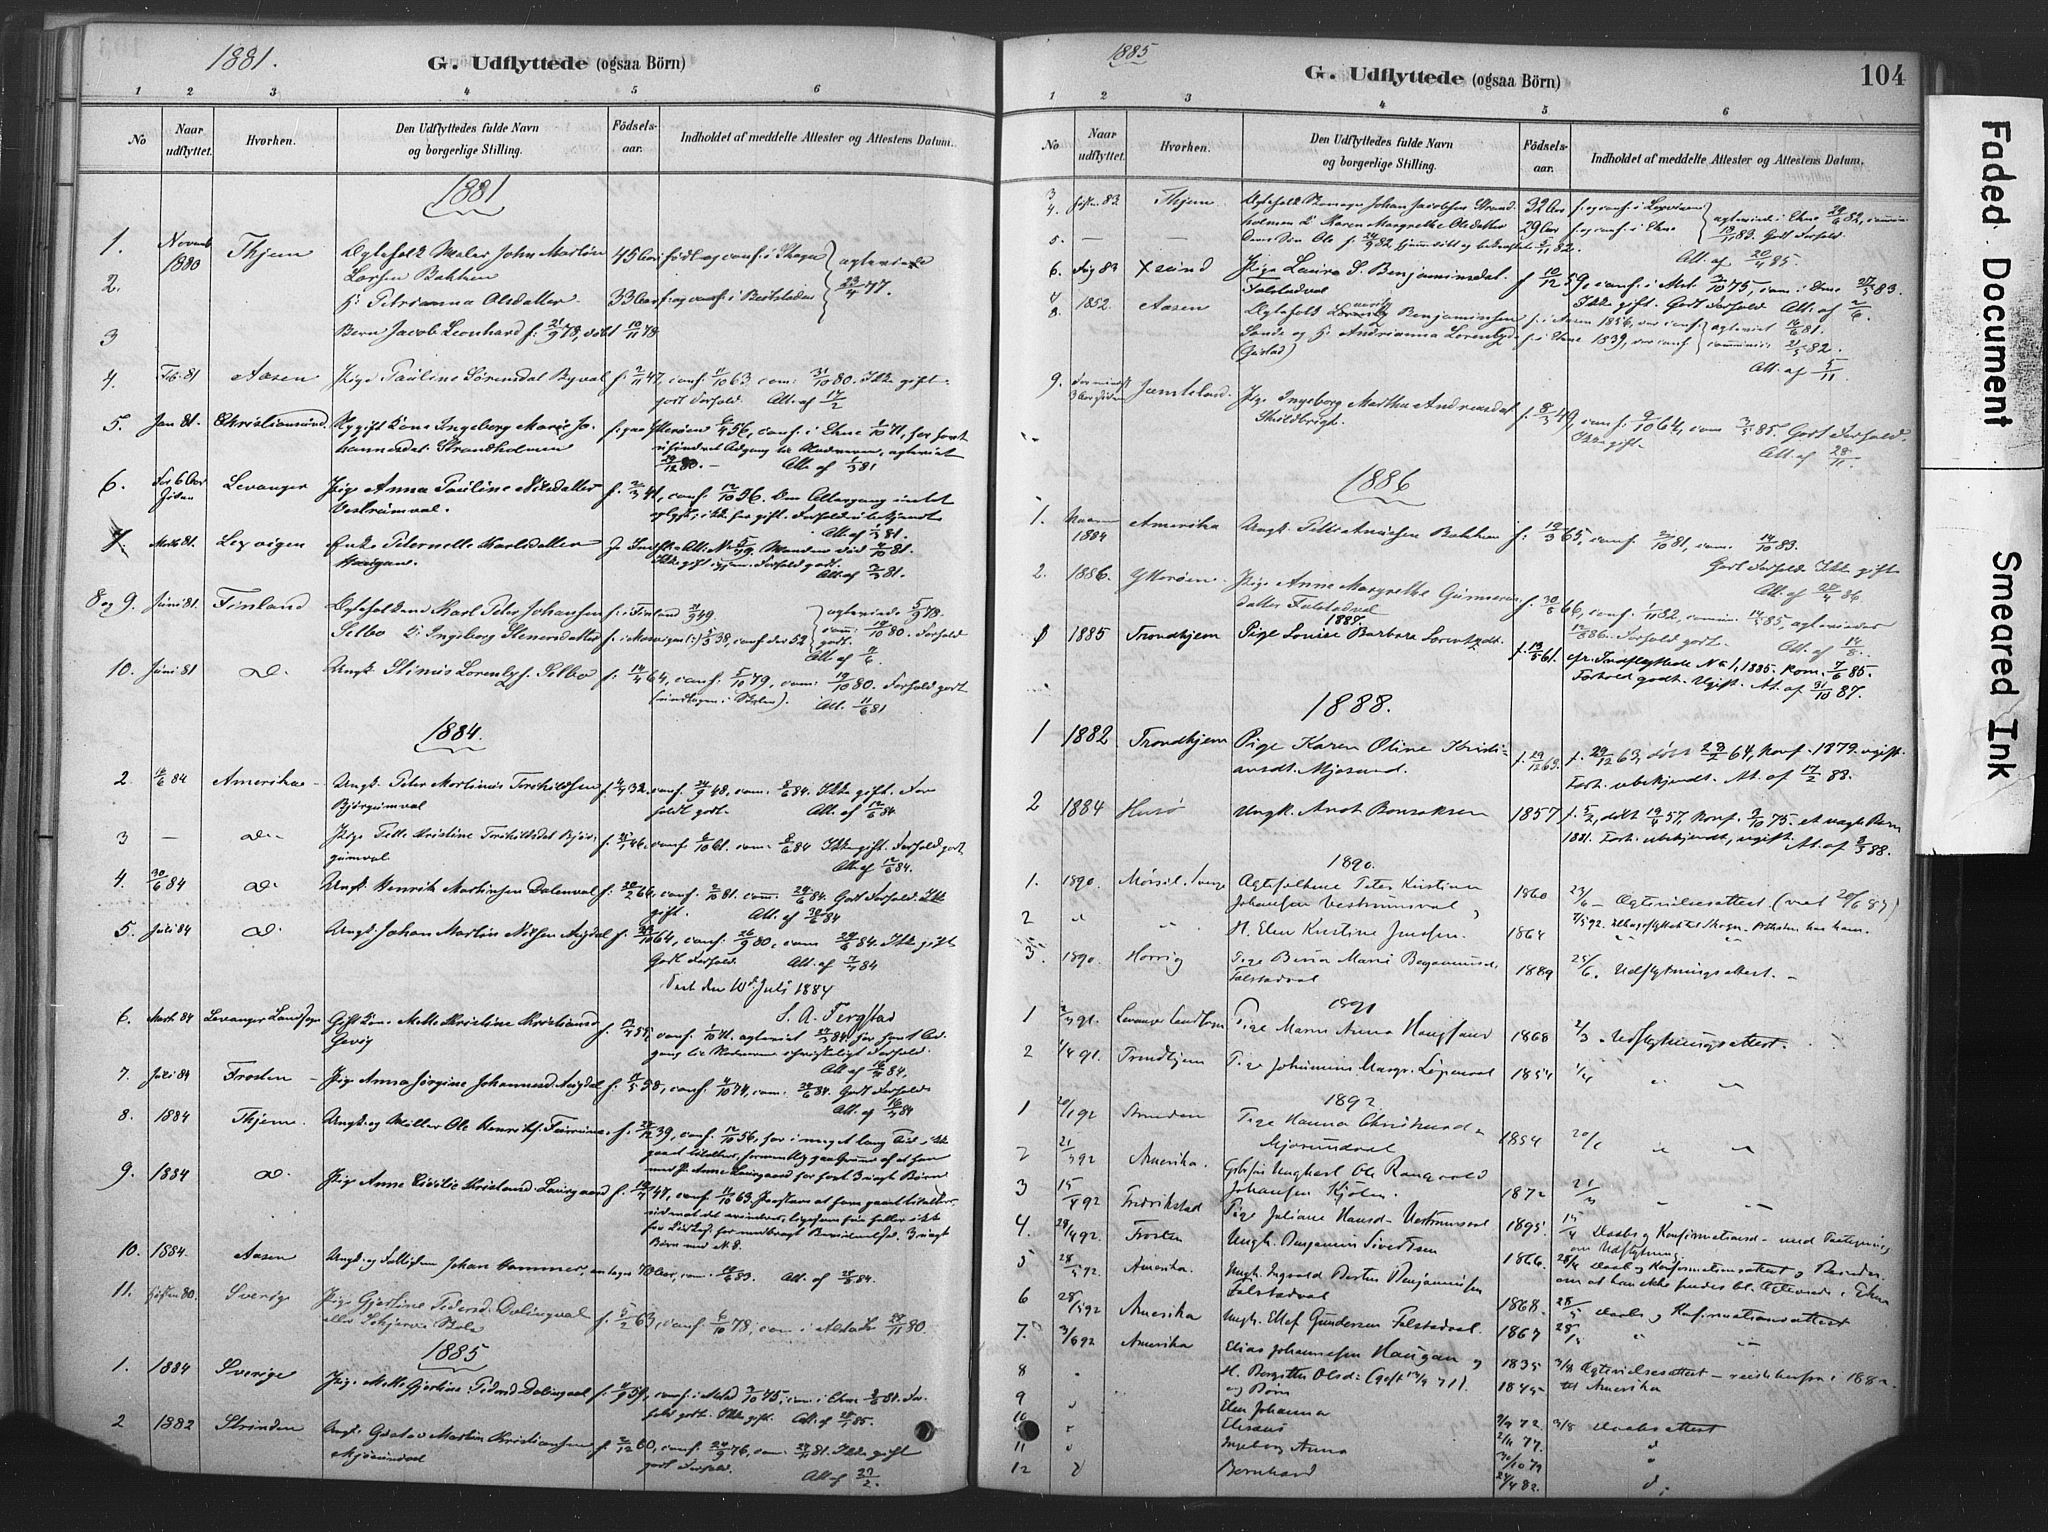 SAT, Ministerialprotokoller, klokkerbøker og fødselsregistre - Nord-Trøndelag, 719/L0178: Ministerialbok nr. 719A01, 1878-1900, s. 104